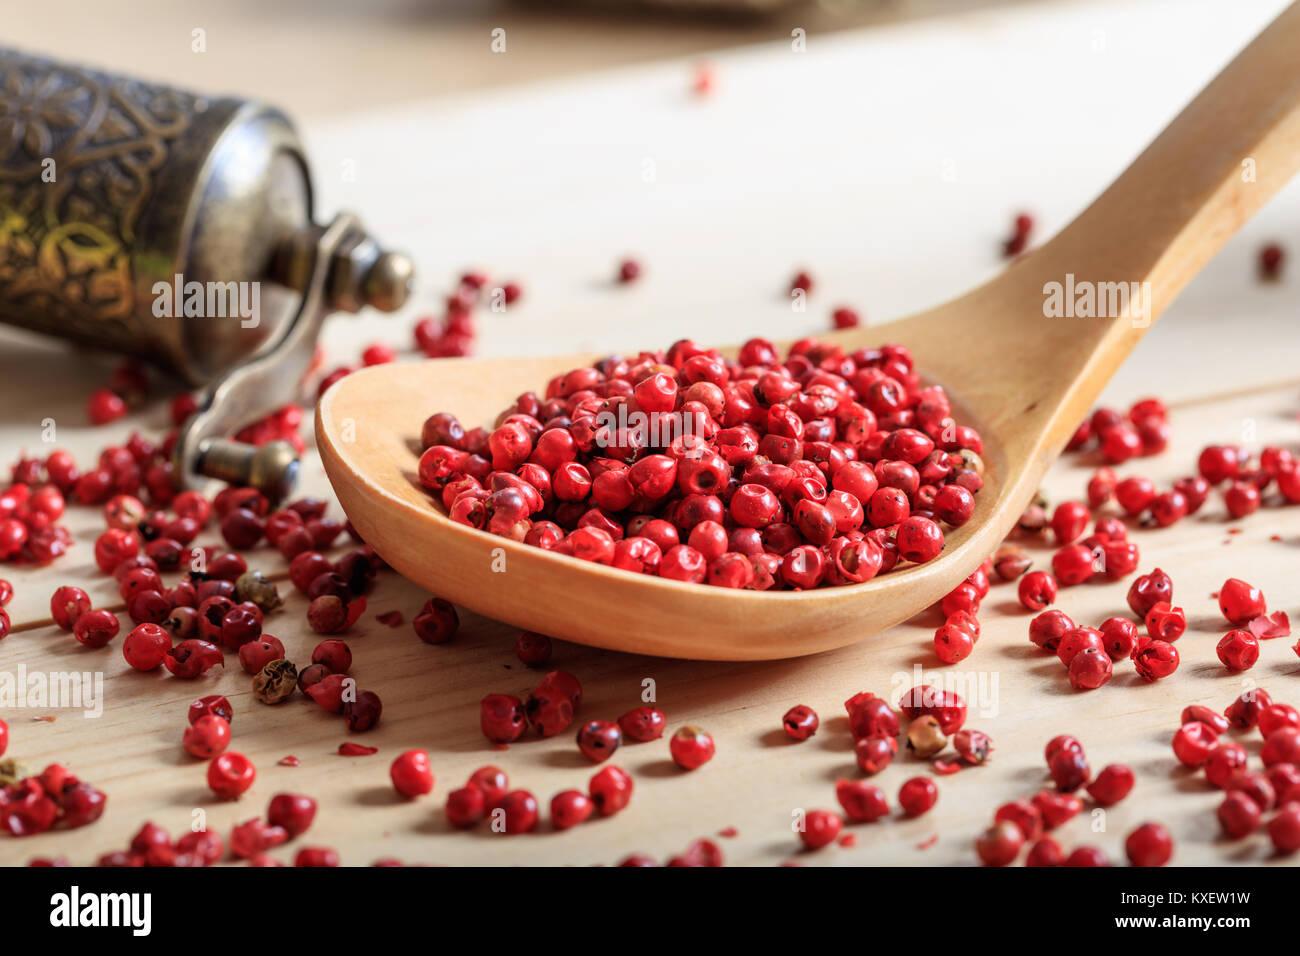 Peperone rosso semi in un cucchiaio di legno Foto Stock